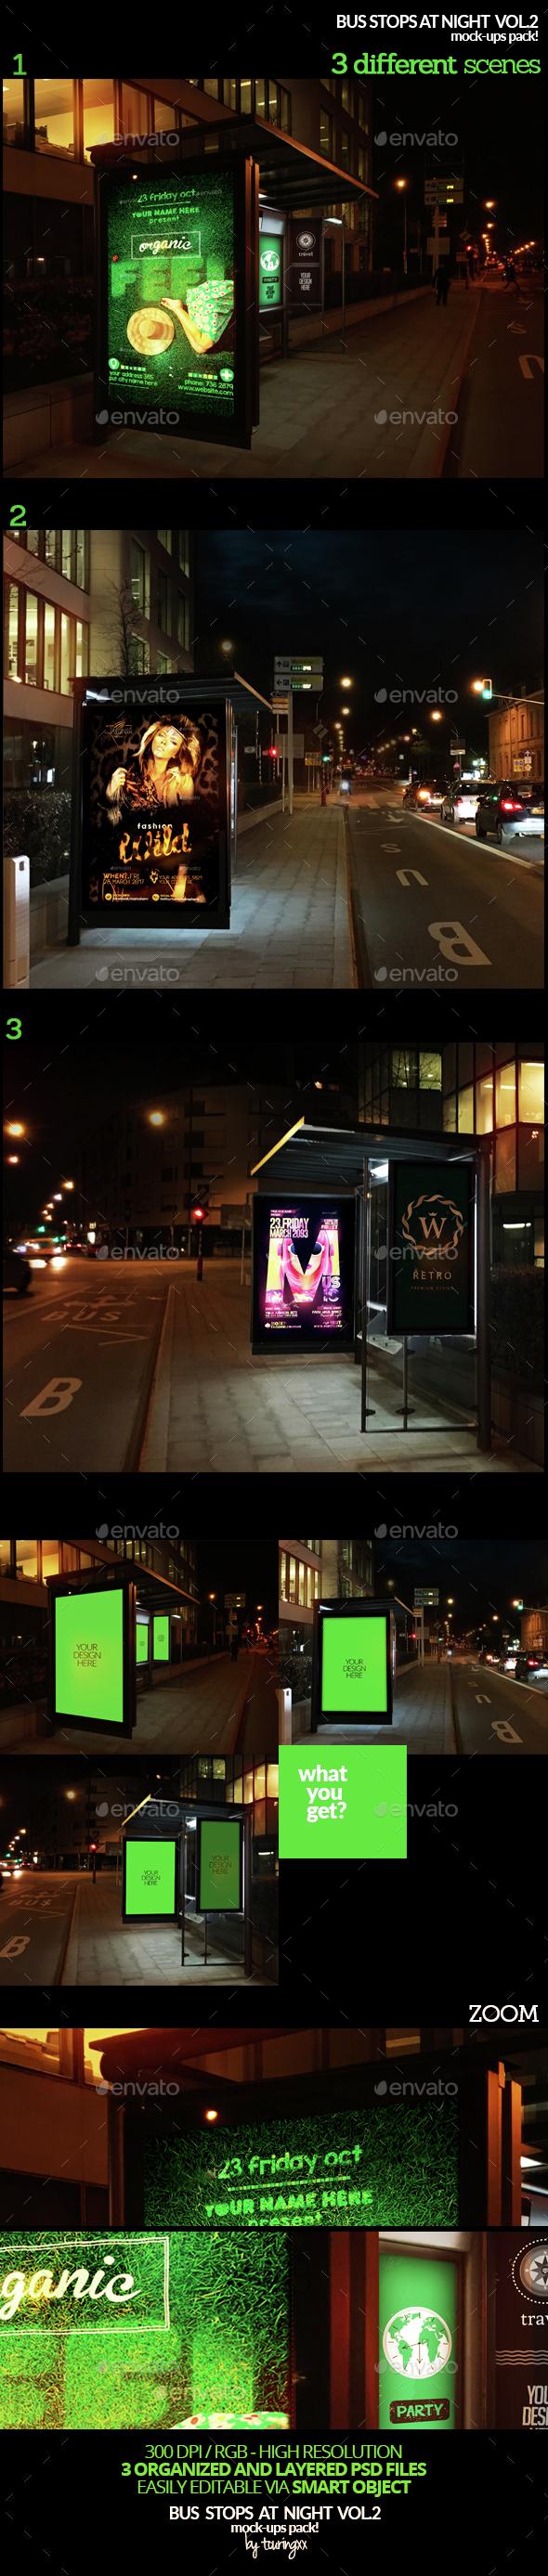 Bus Stops At Night Vol.2 Mock-Ups Pack - Product Mock-Ups Graphics